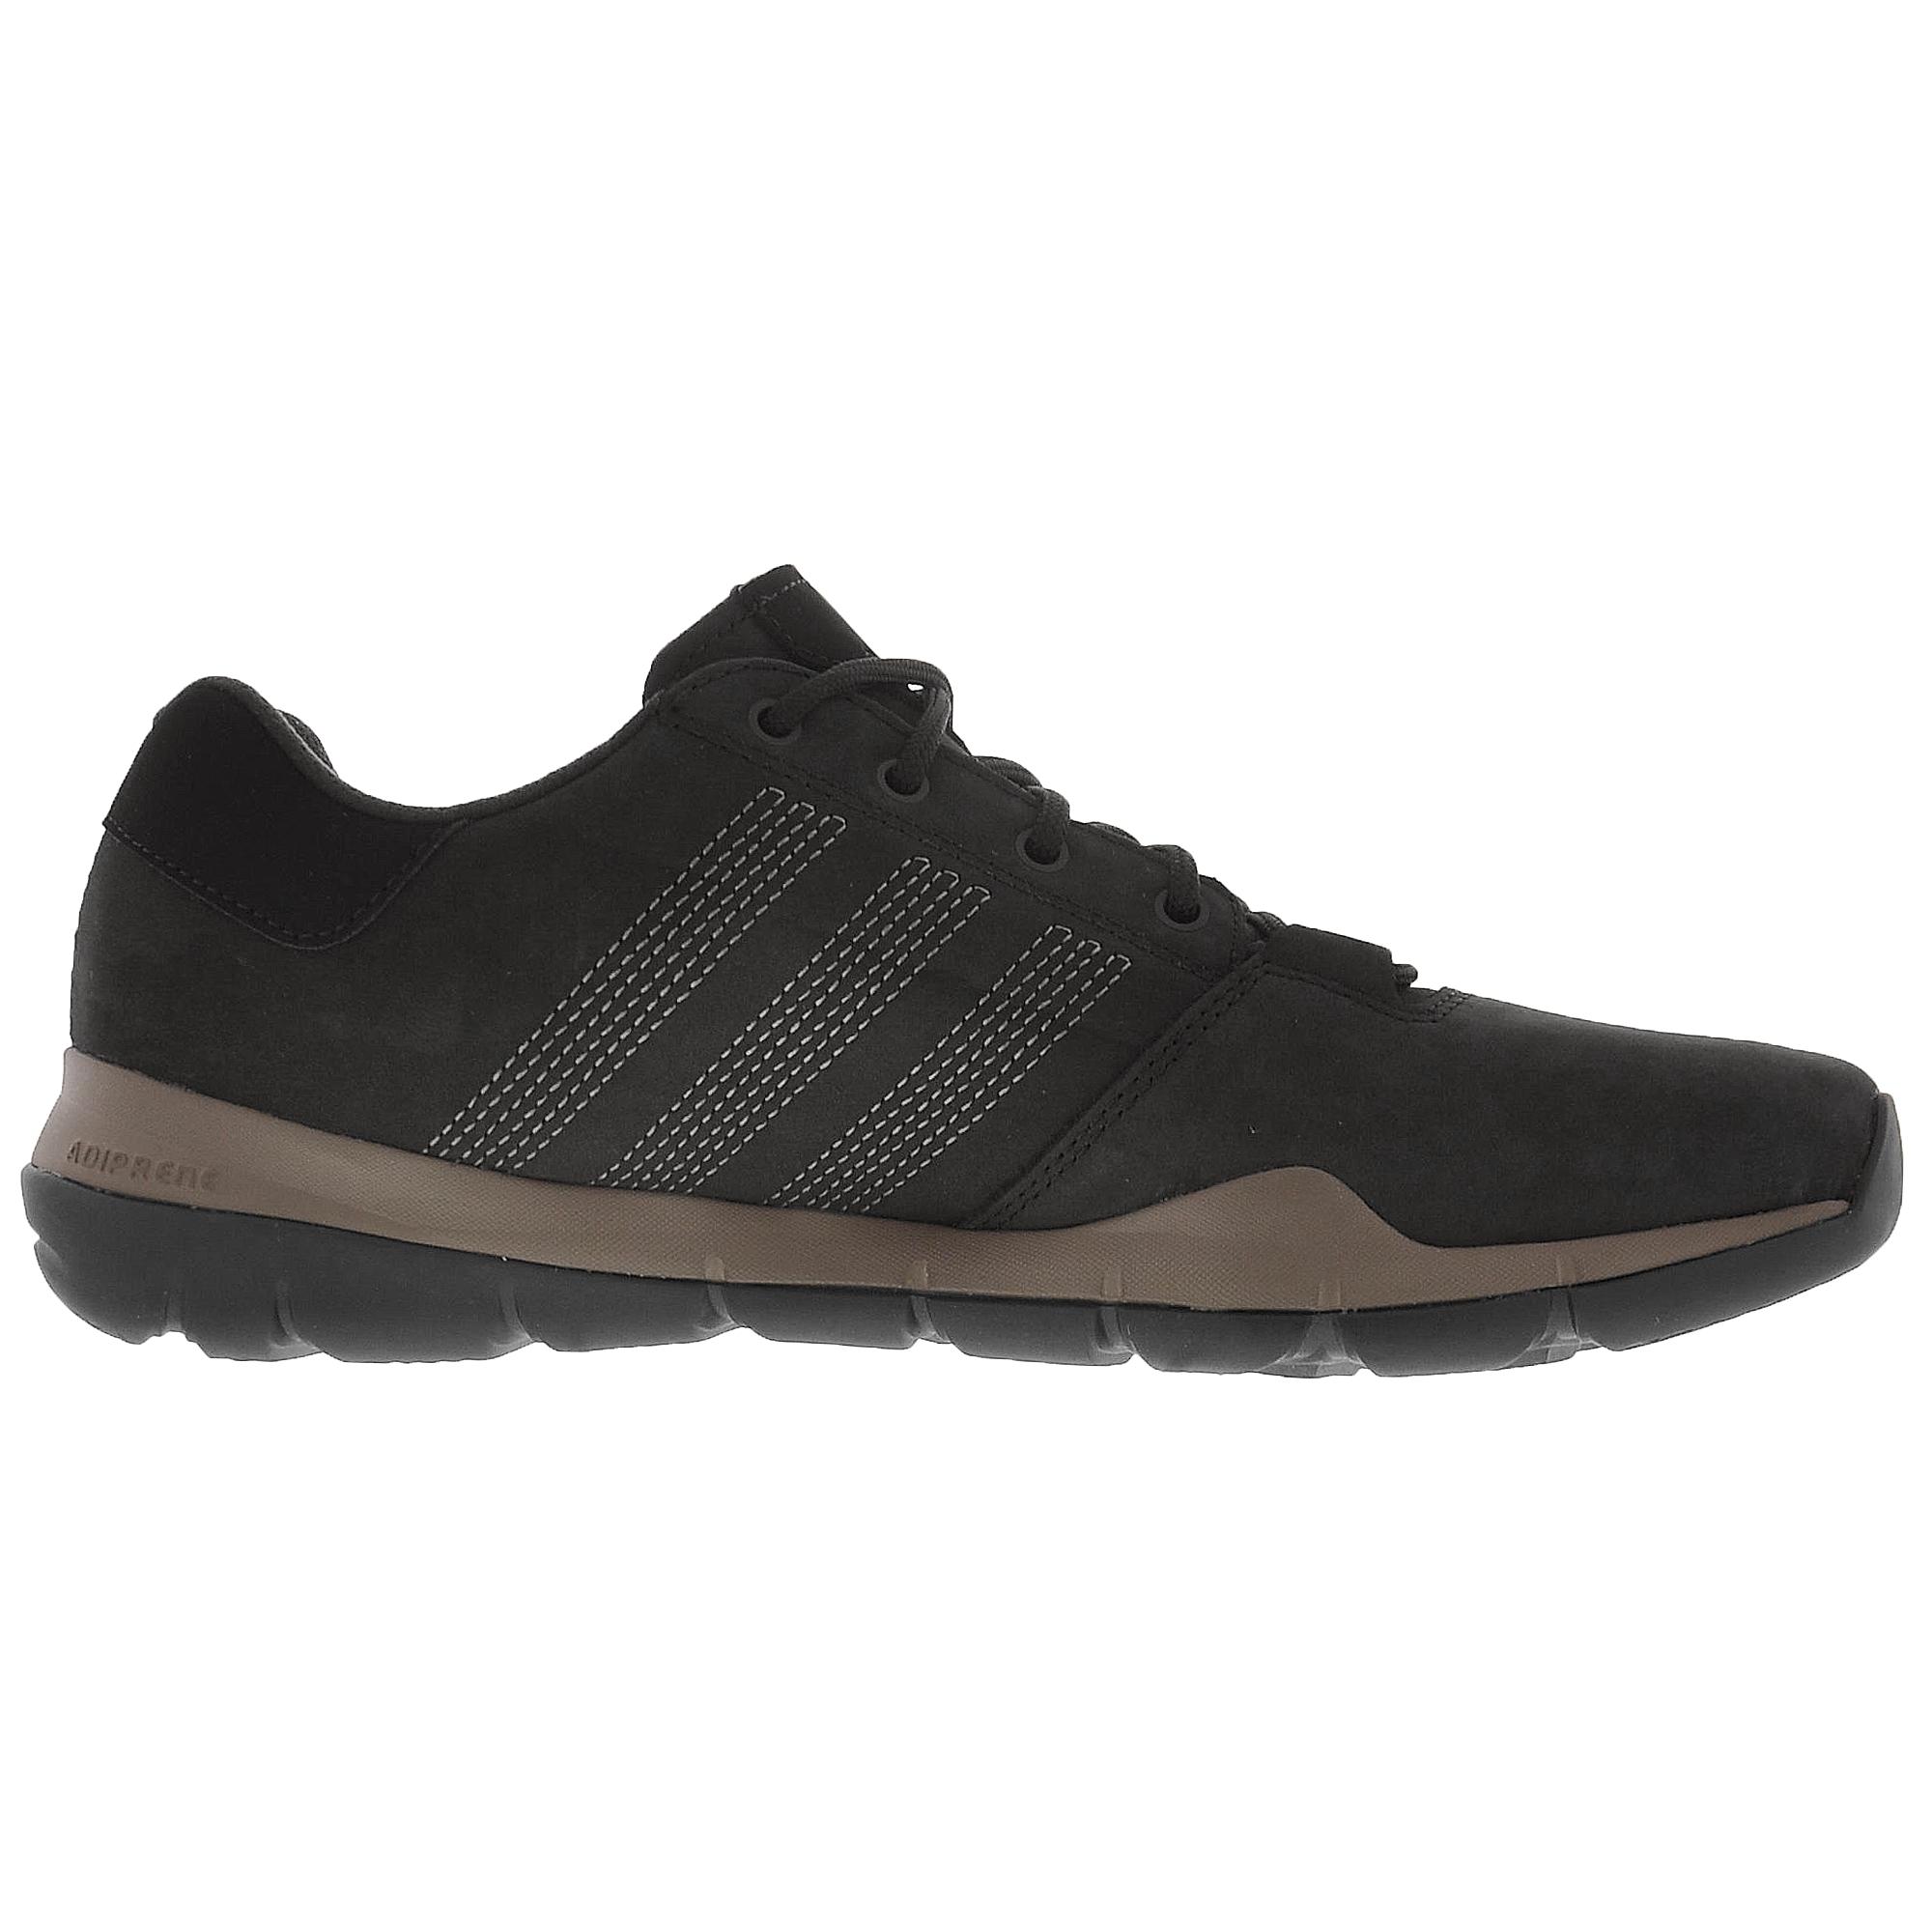 Adidas Anzit Delux Co Erkek Spor Ayakkabı M18556 Barcin Com